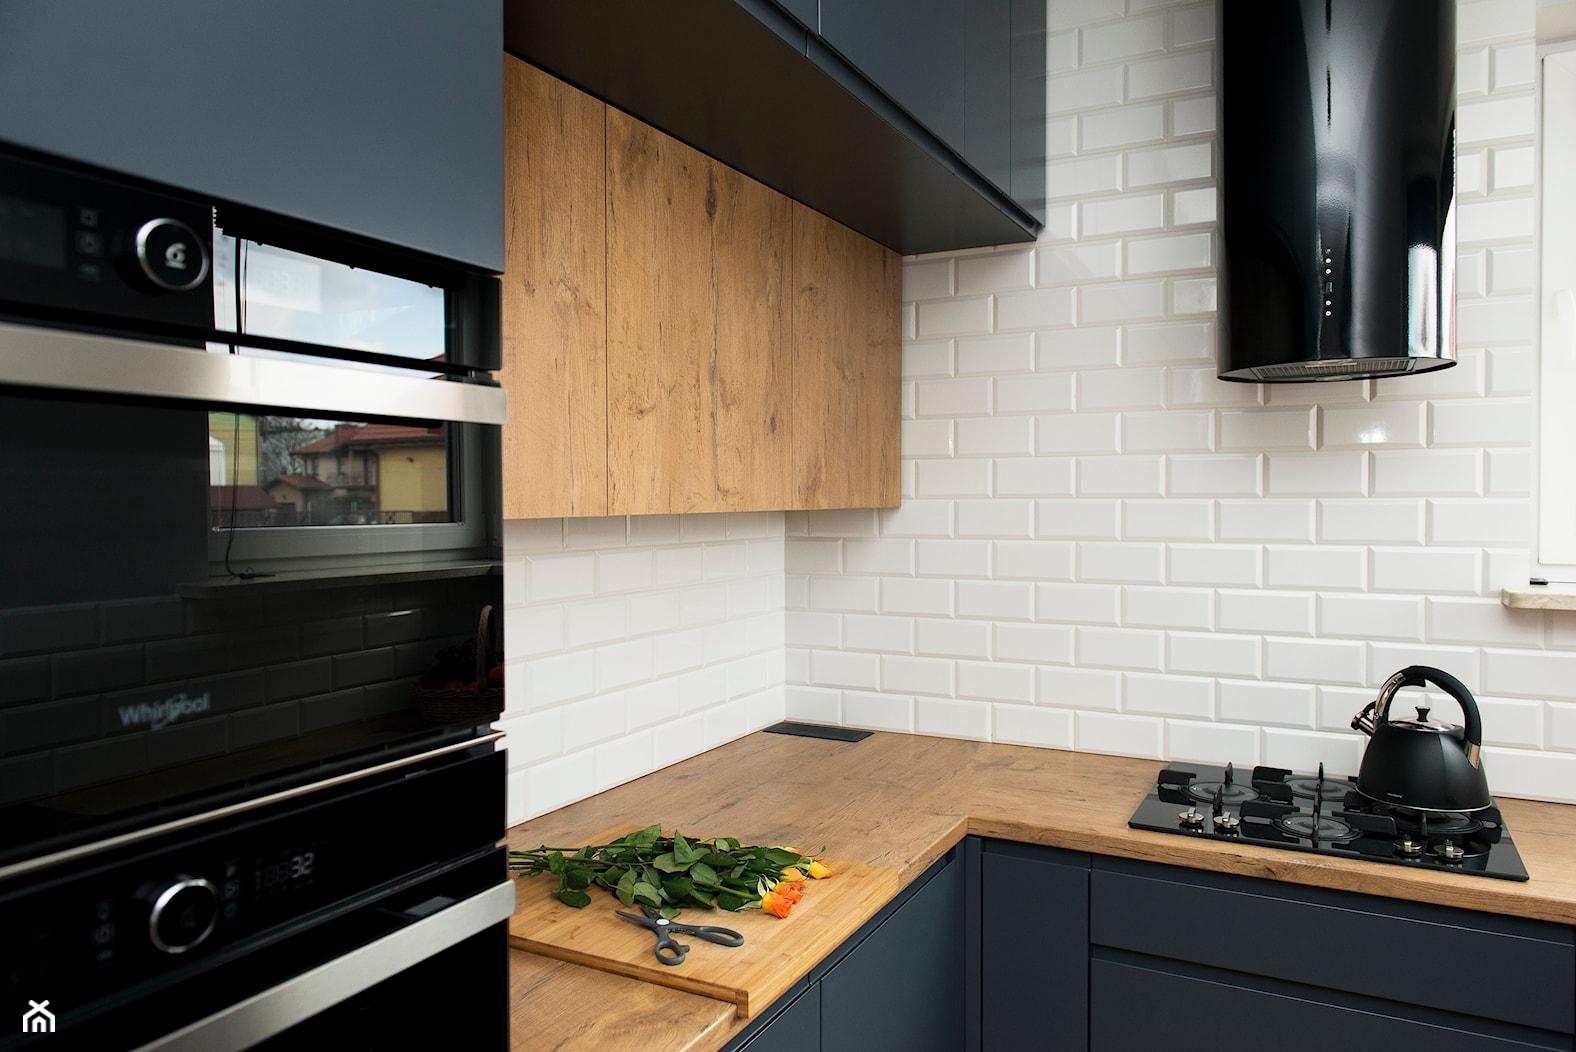 Kuchnia-grafit, biel i drewno - Średnia kuchnia w kształcie litery l, styl nowoczesny - zdjęcie od Renee's Interior Design - Homebook